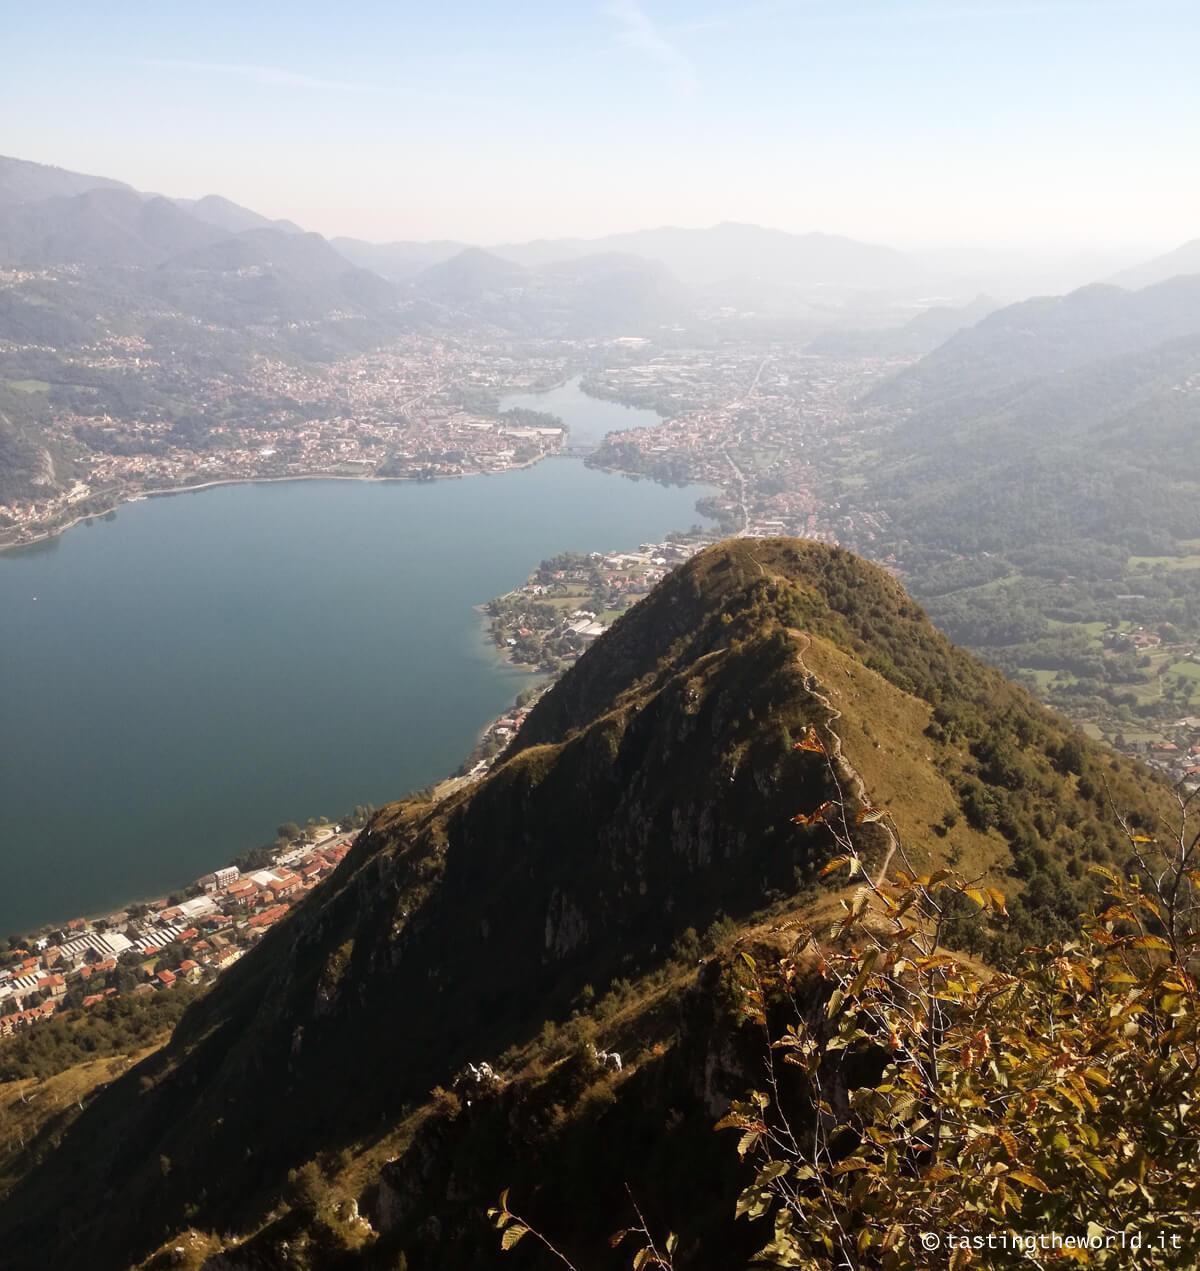 Monte Barro, Lecco